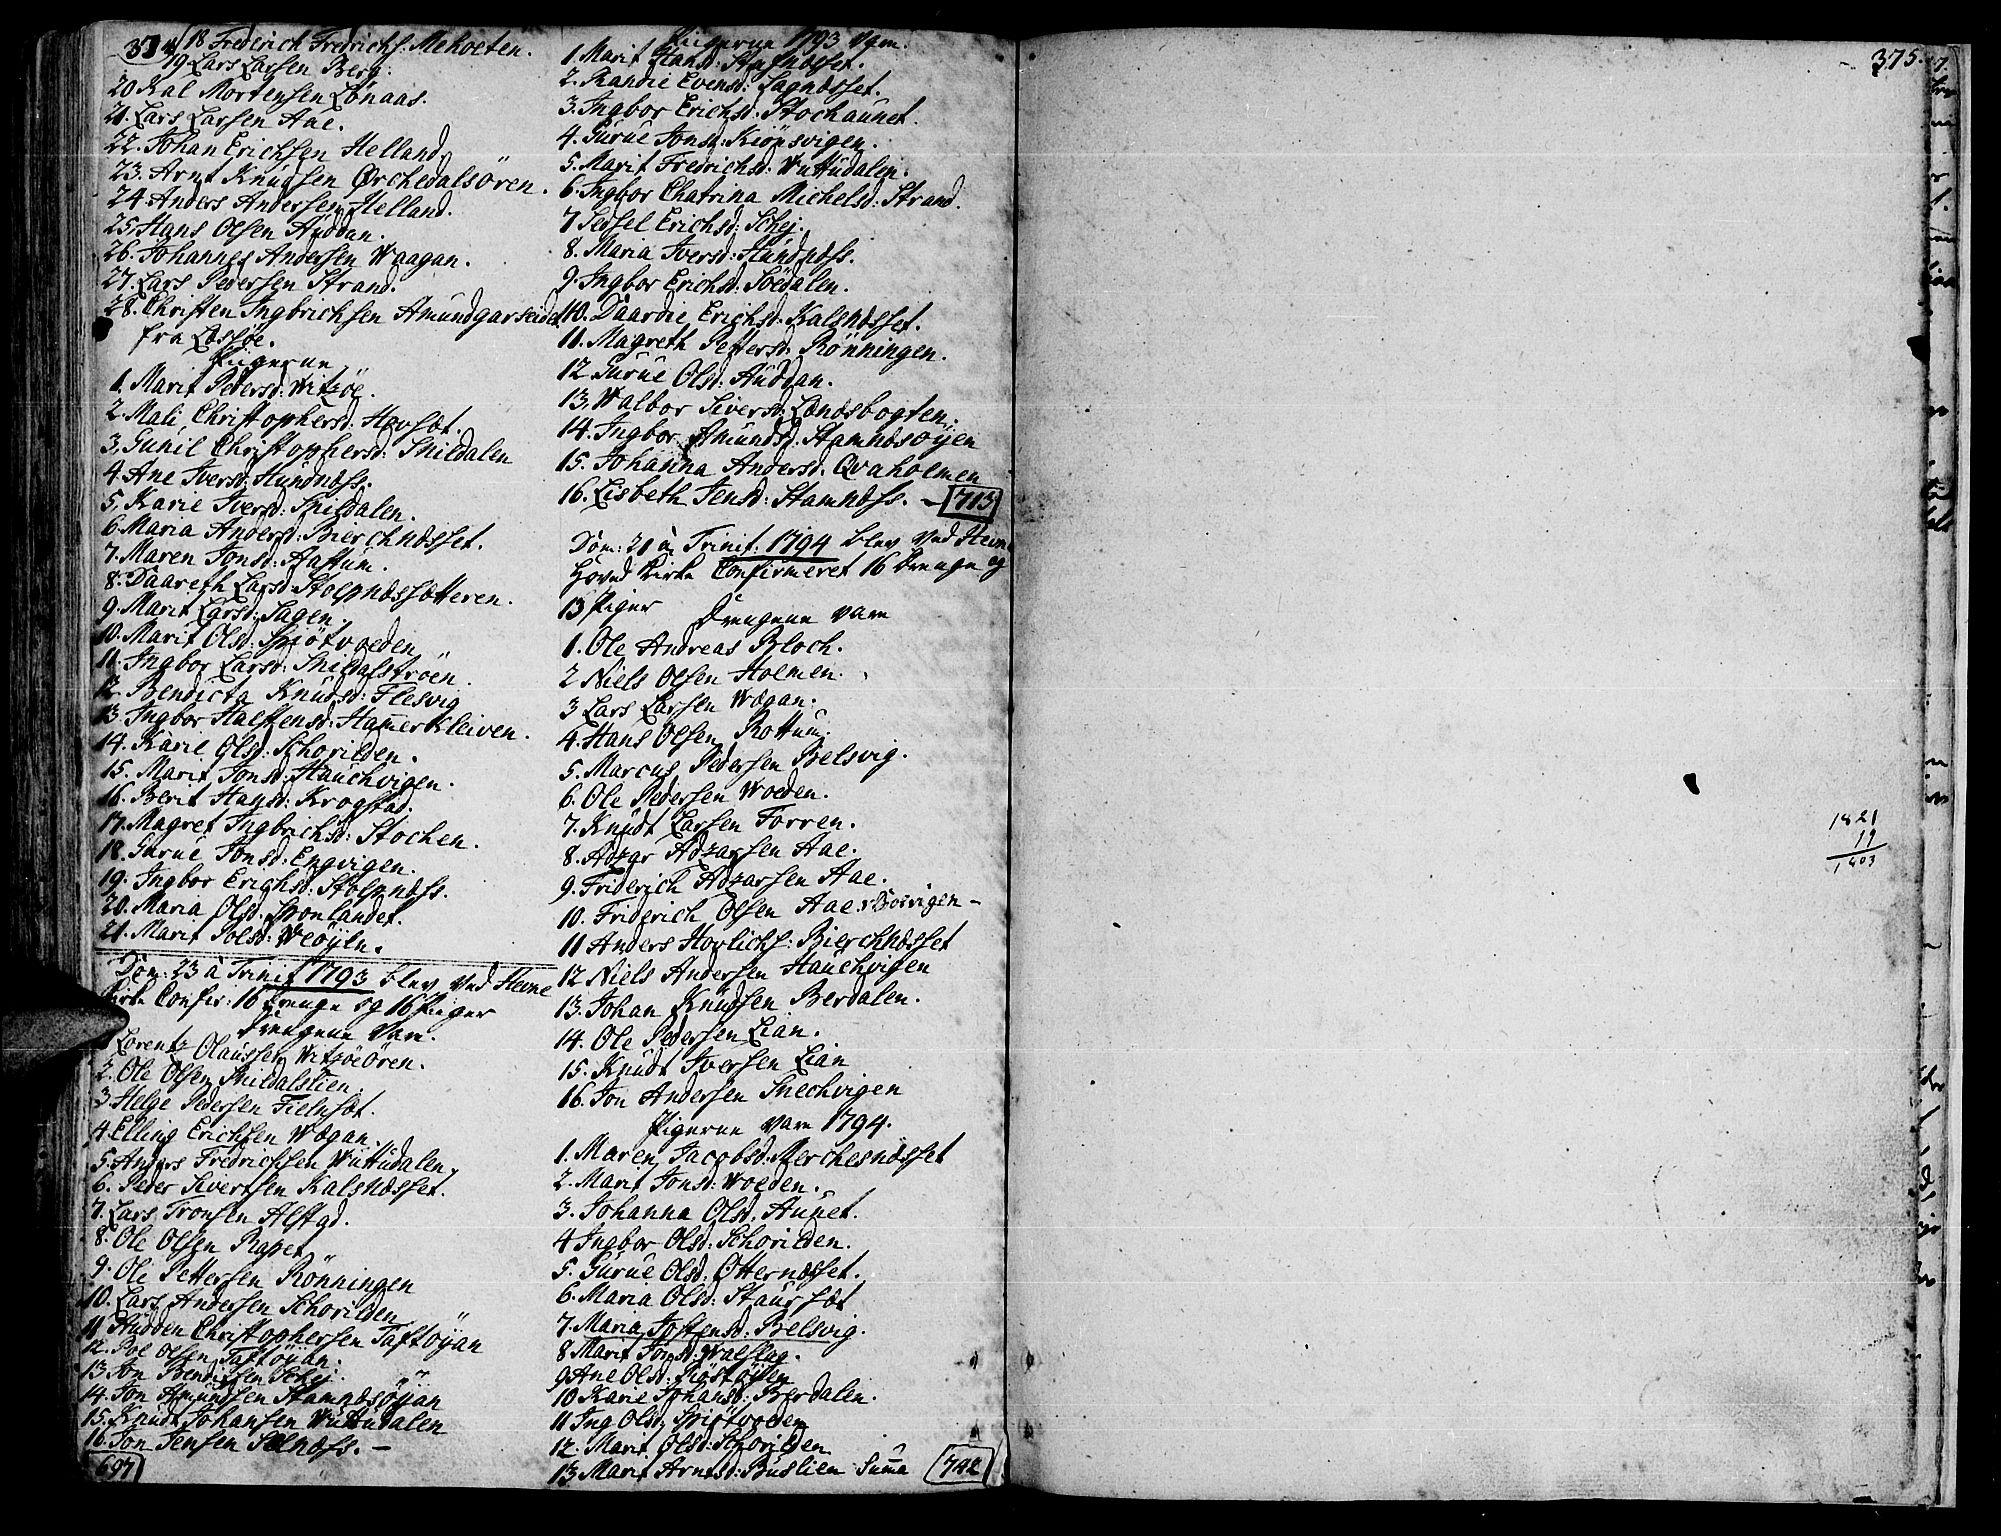 SAT, Ministerialprotokoller, klokkerbøker og fødselsregistre - Sør-Trøndelag, 630/L0489: Ministerialbok nr. 630A02, 1757-1794, s. 374-375